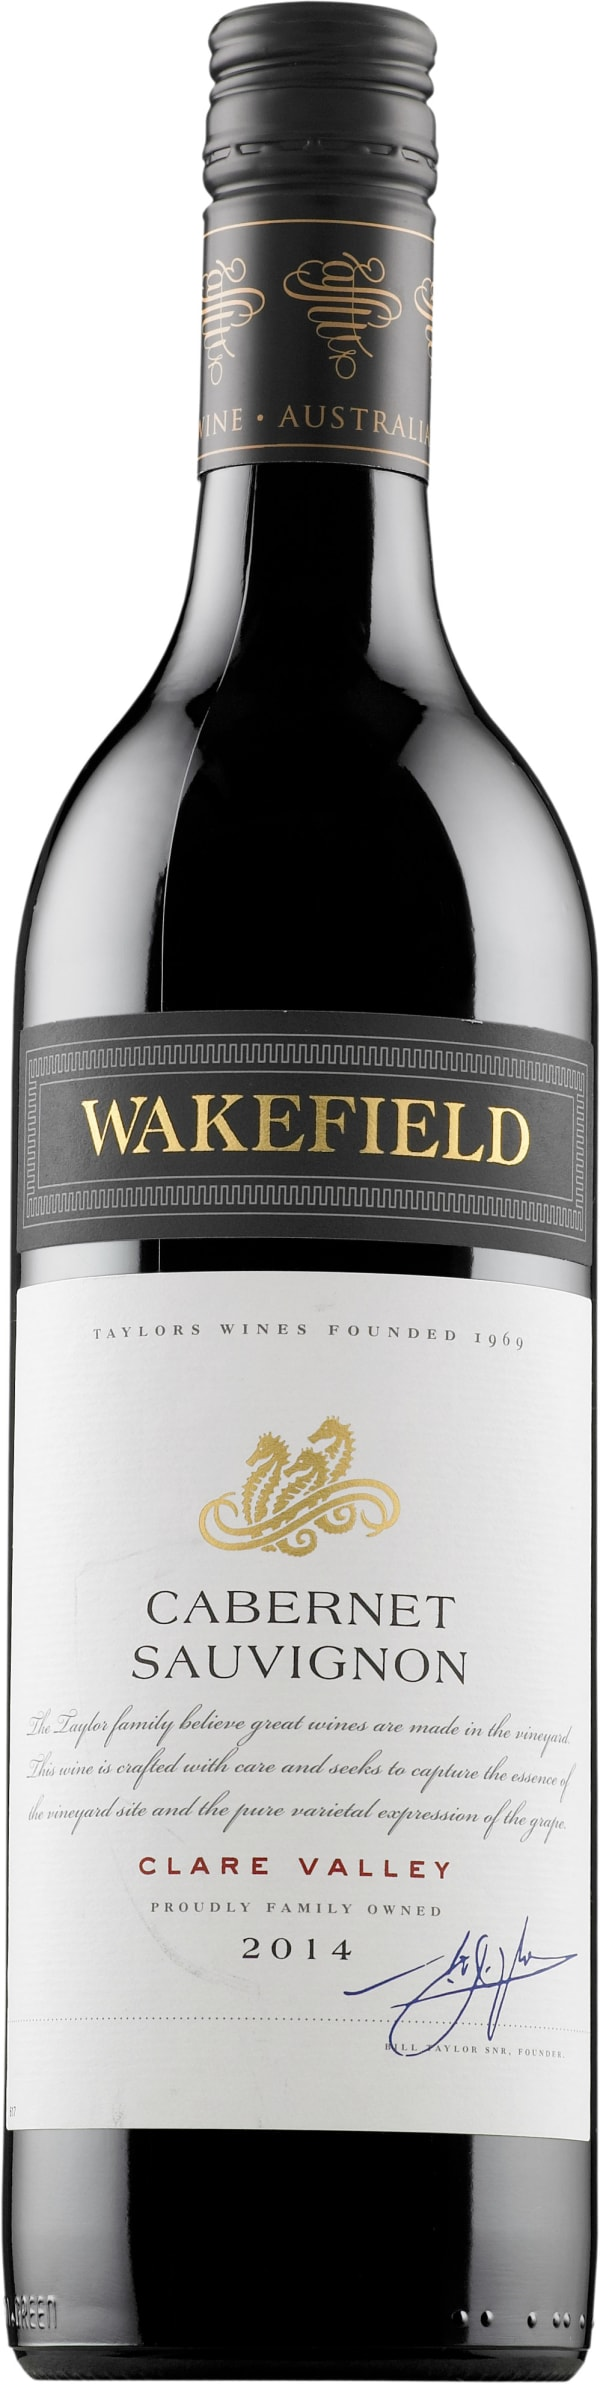 Wakefield Cabernet Sauvignon 2016